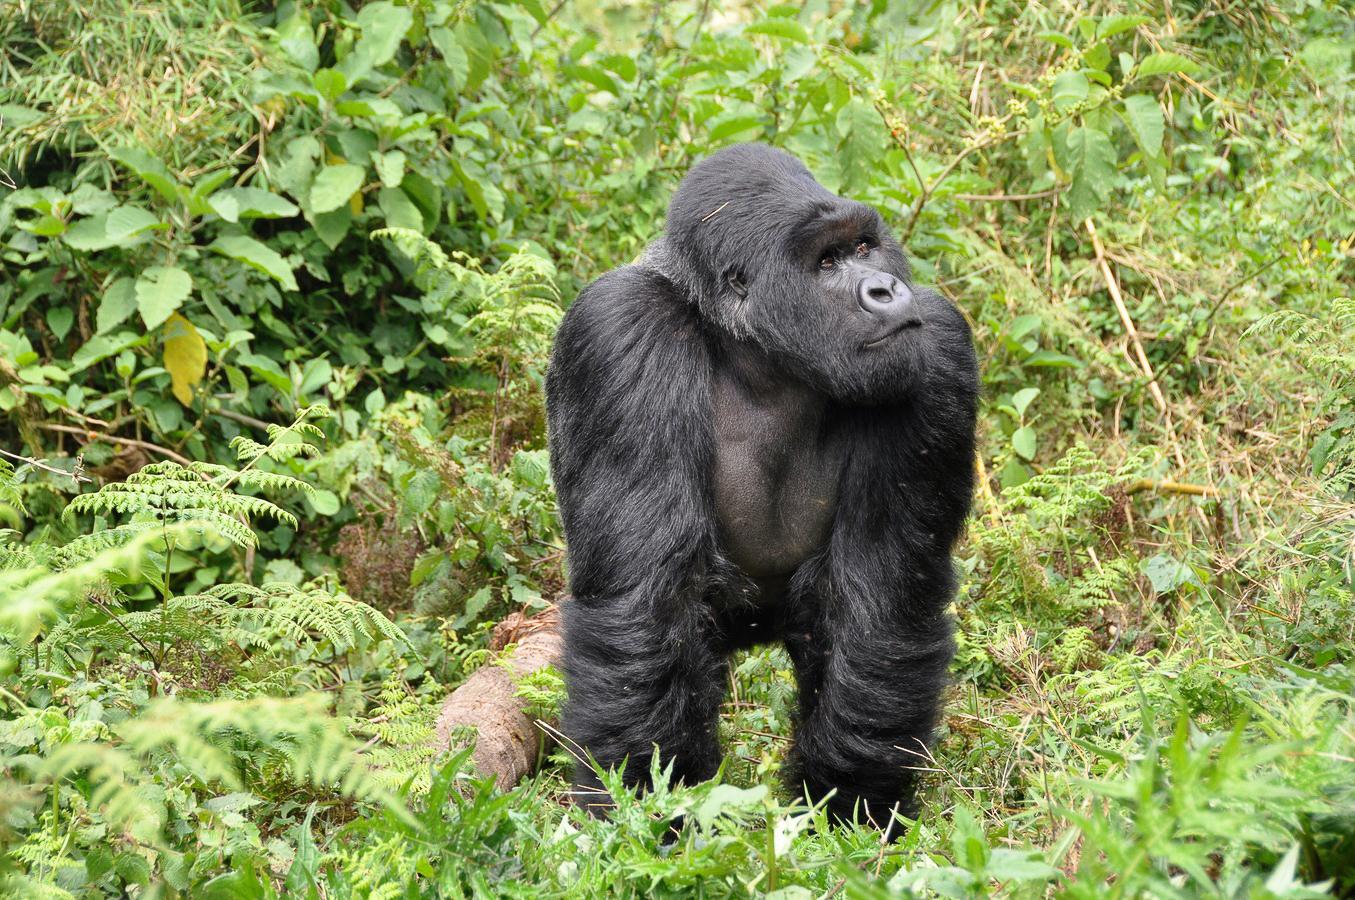 Gorille au Rwanda - Voyage en Afrique 2020 par Julien Legrand